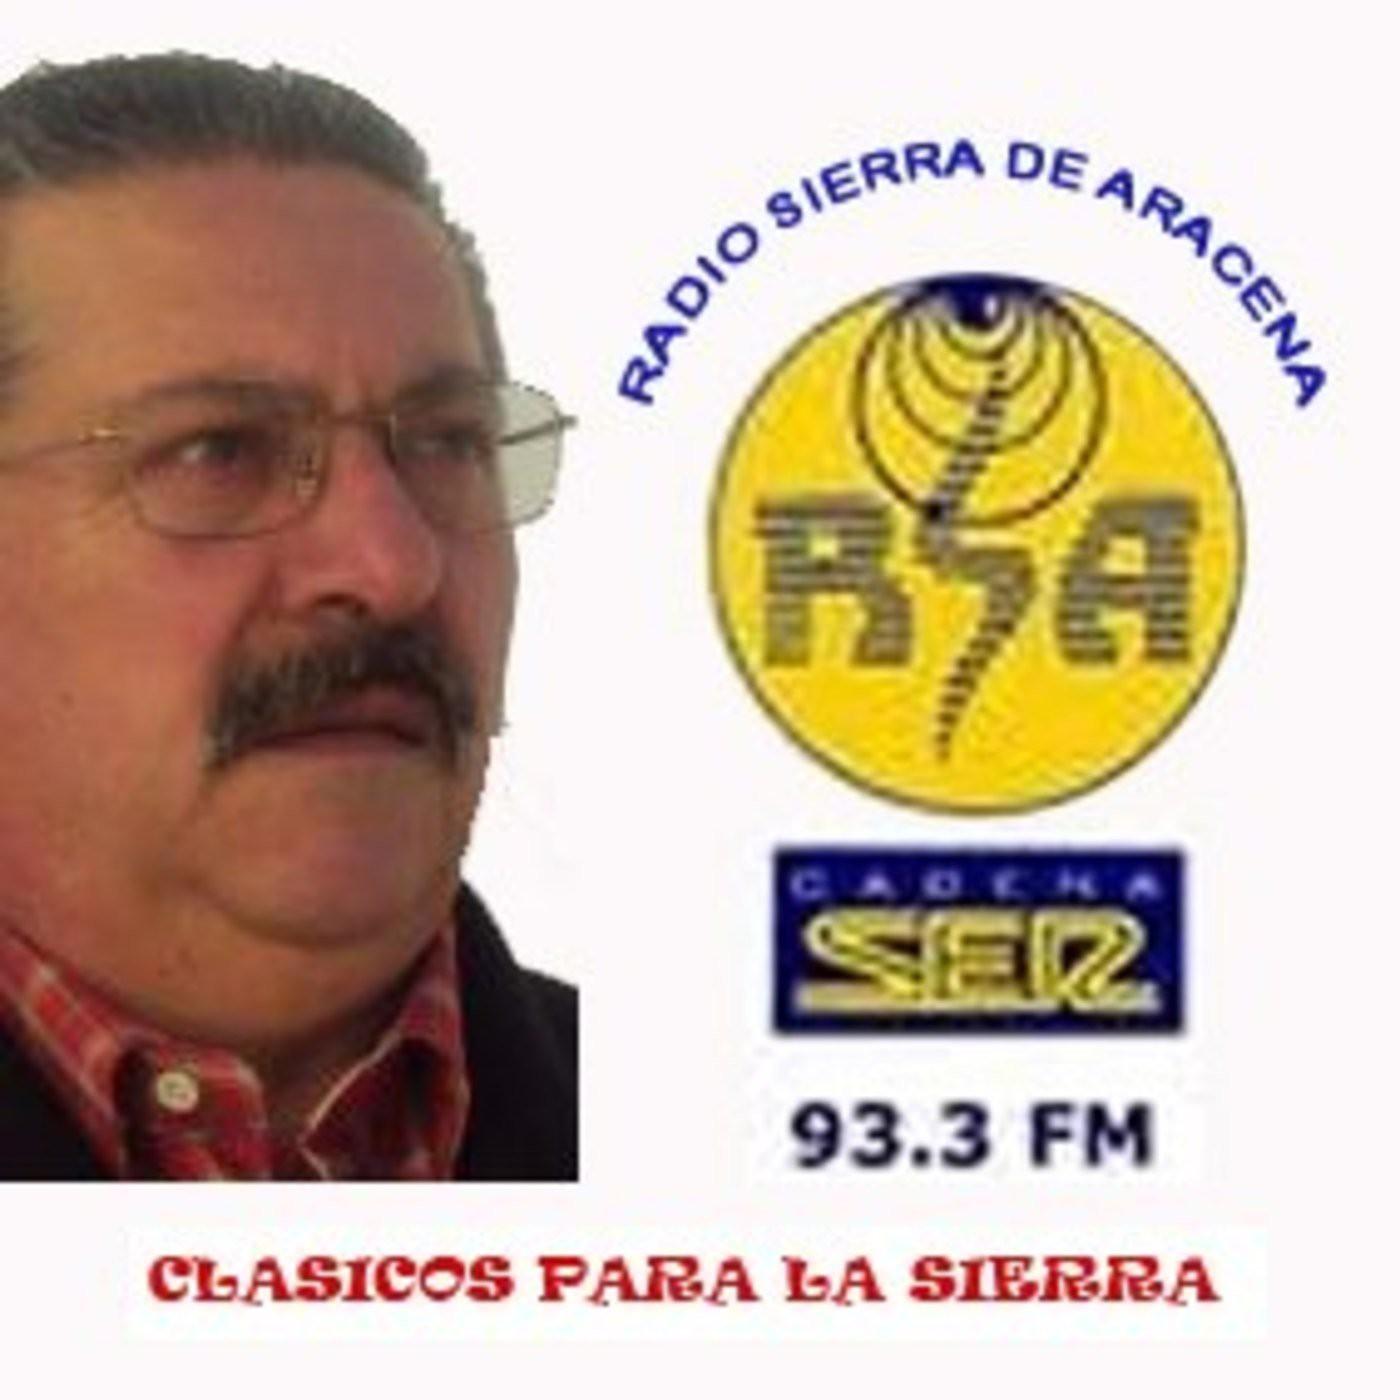 CLÁSICOS PARA LA SIERRA - Obras maestras - 17 Julio 2014